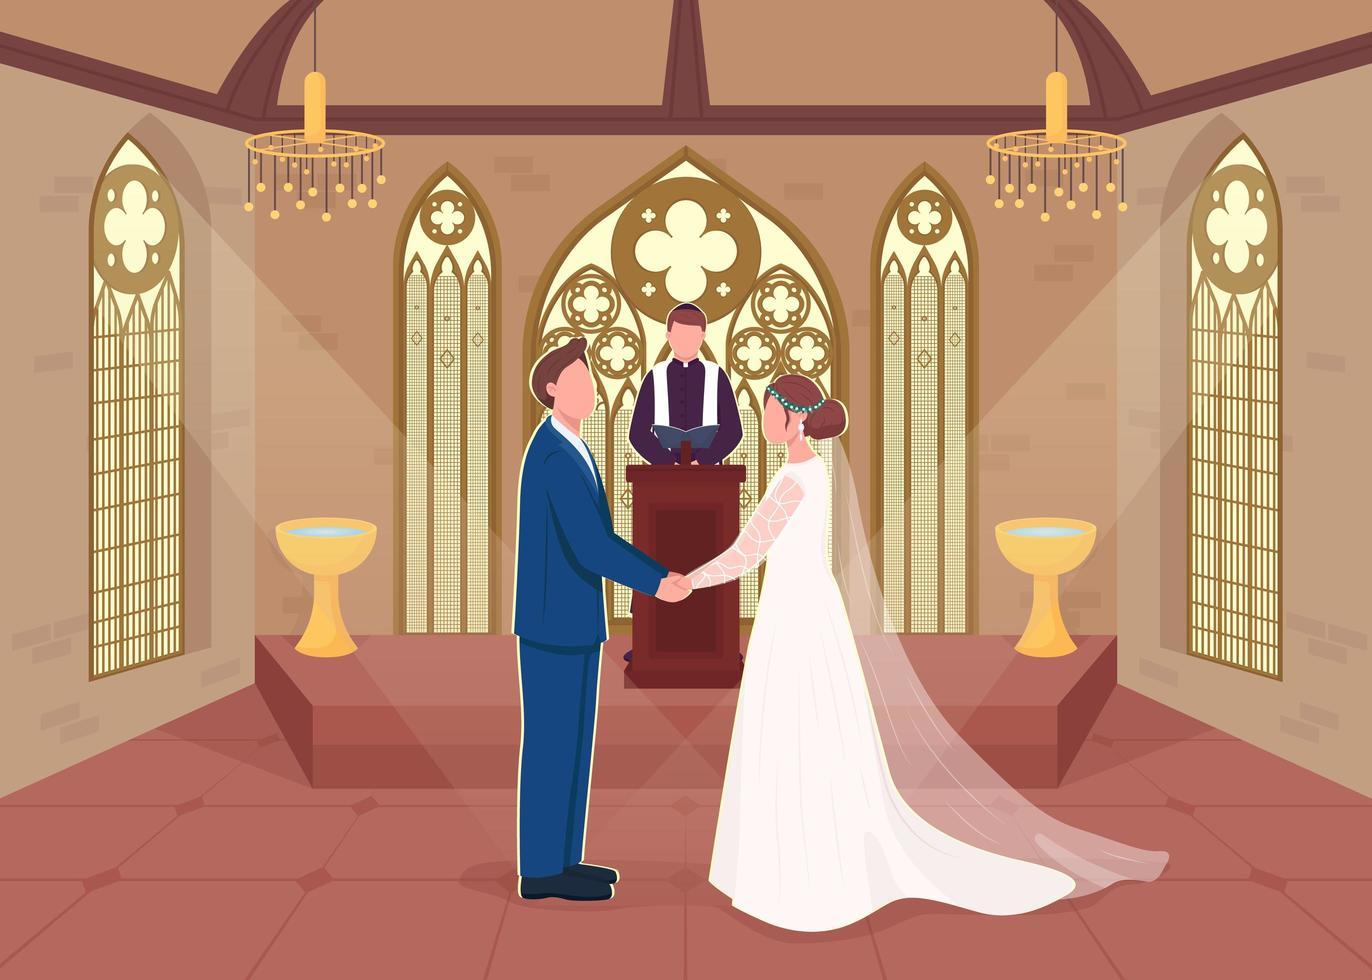 cérémonie de mariage religieux vecteur